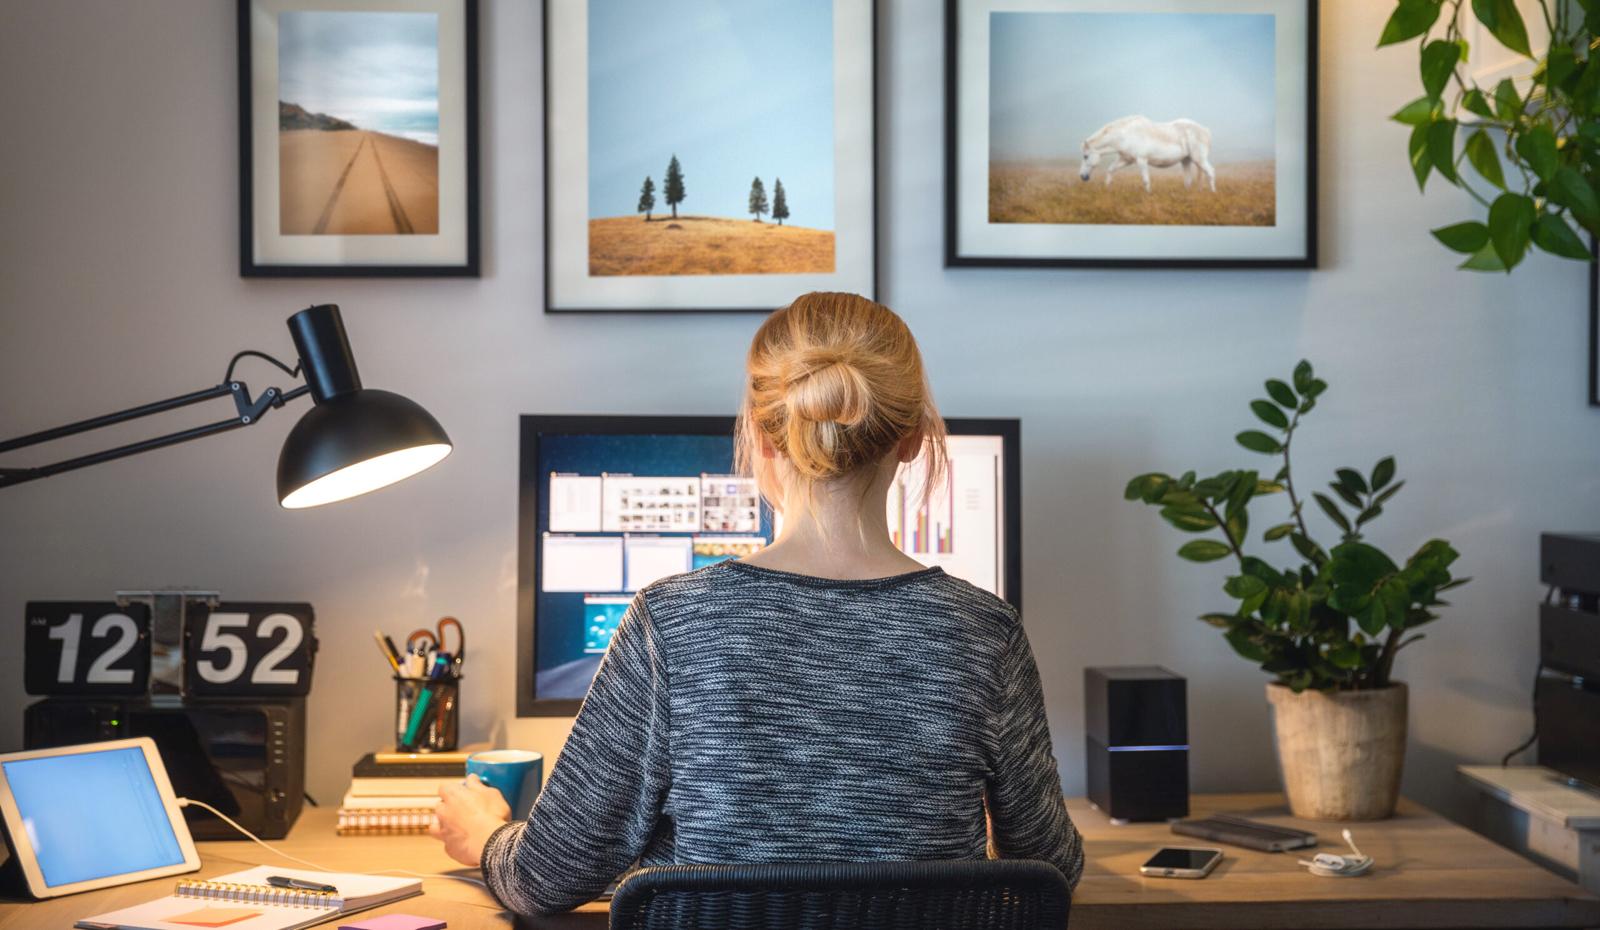 Trabajo en remoto: beneficios y cómo mejorar la productividad